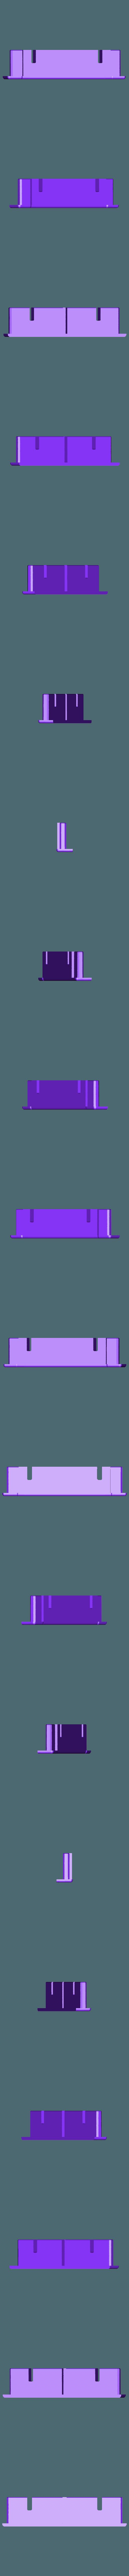 NSKB-80-origineel.stl Télécharger fichier STL gratuit Pièces 3D pour l'imprimante Ceramic DIY • Objet à imprimer en 3D, fgeer